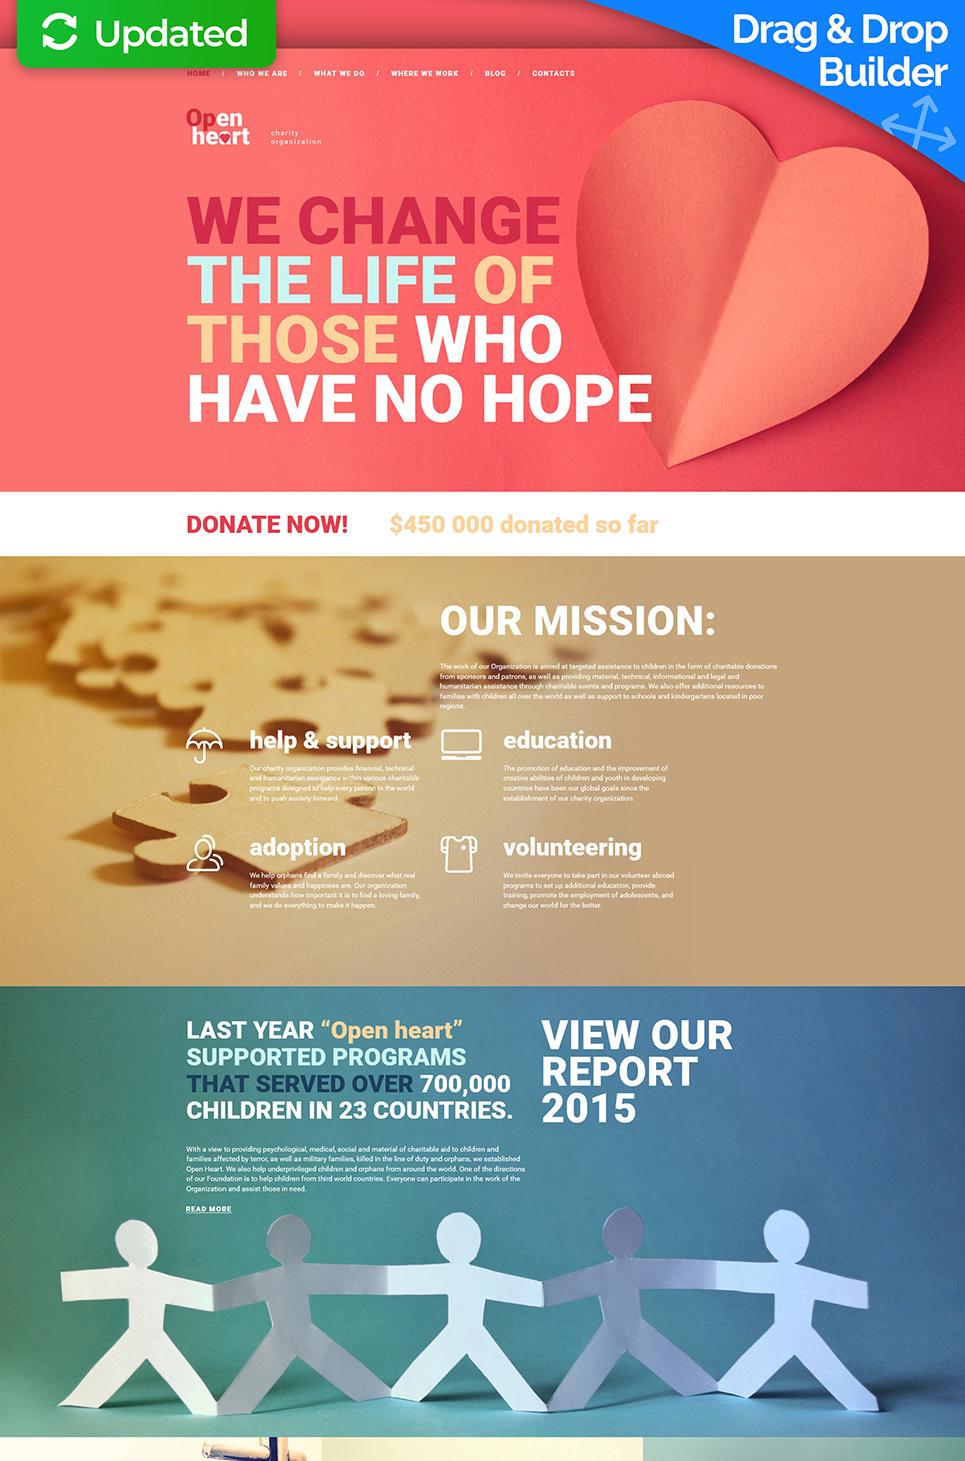 Open Heart Responsive Website Template - image